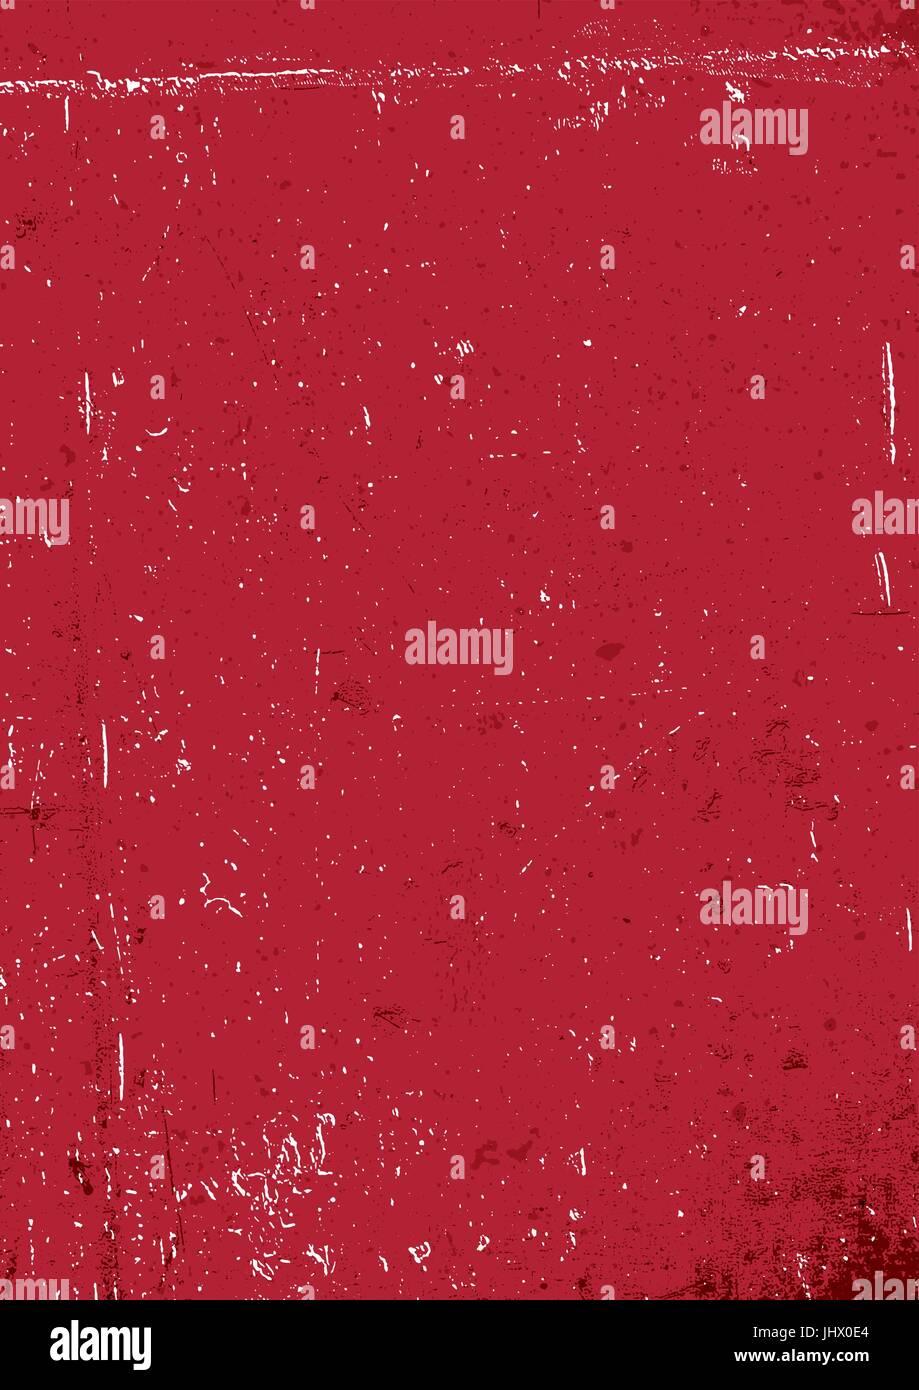 Grunge Fond Rouge Vide De Papier Rouge Arrière Plan Vertical